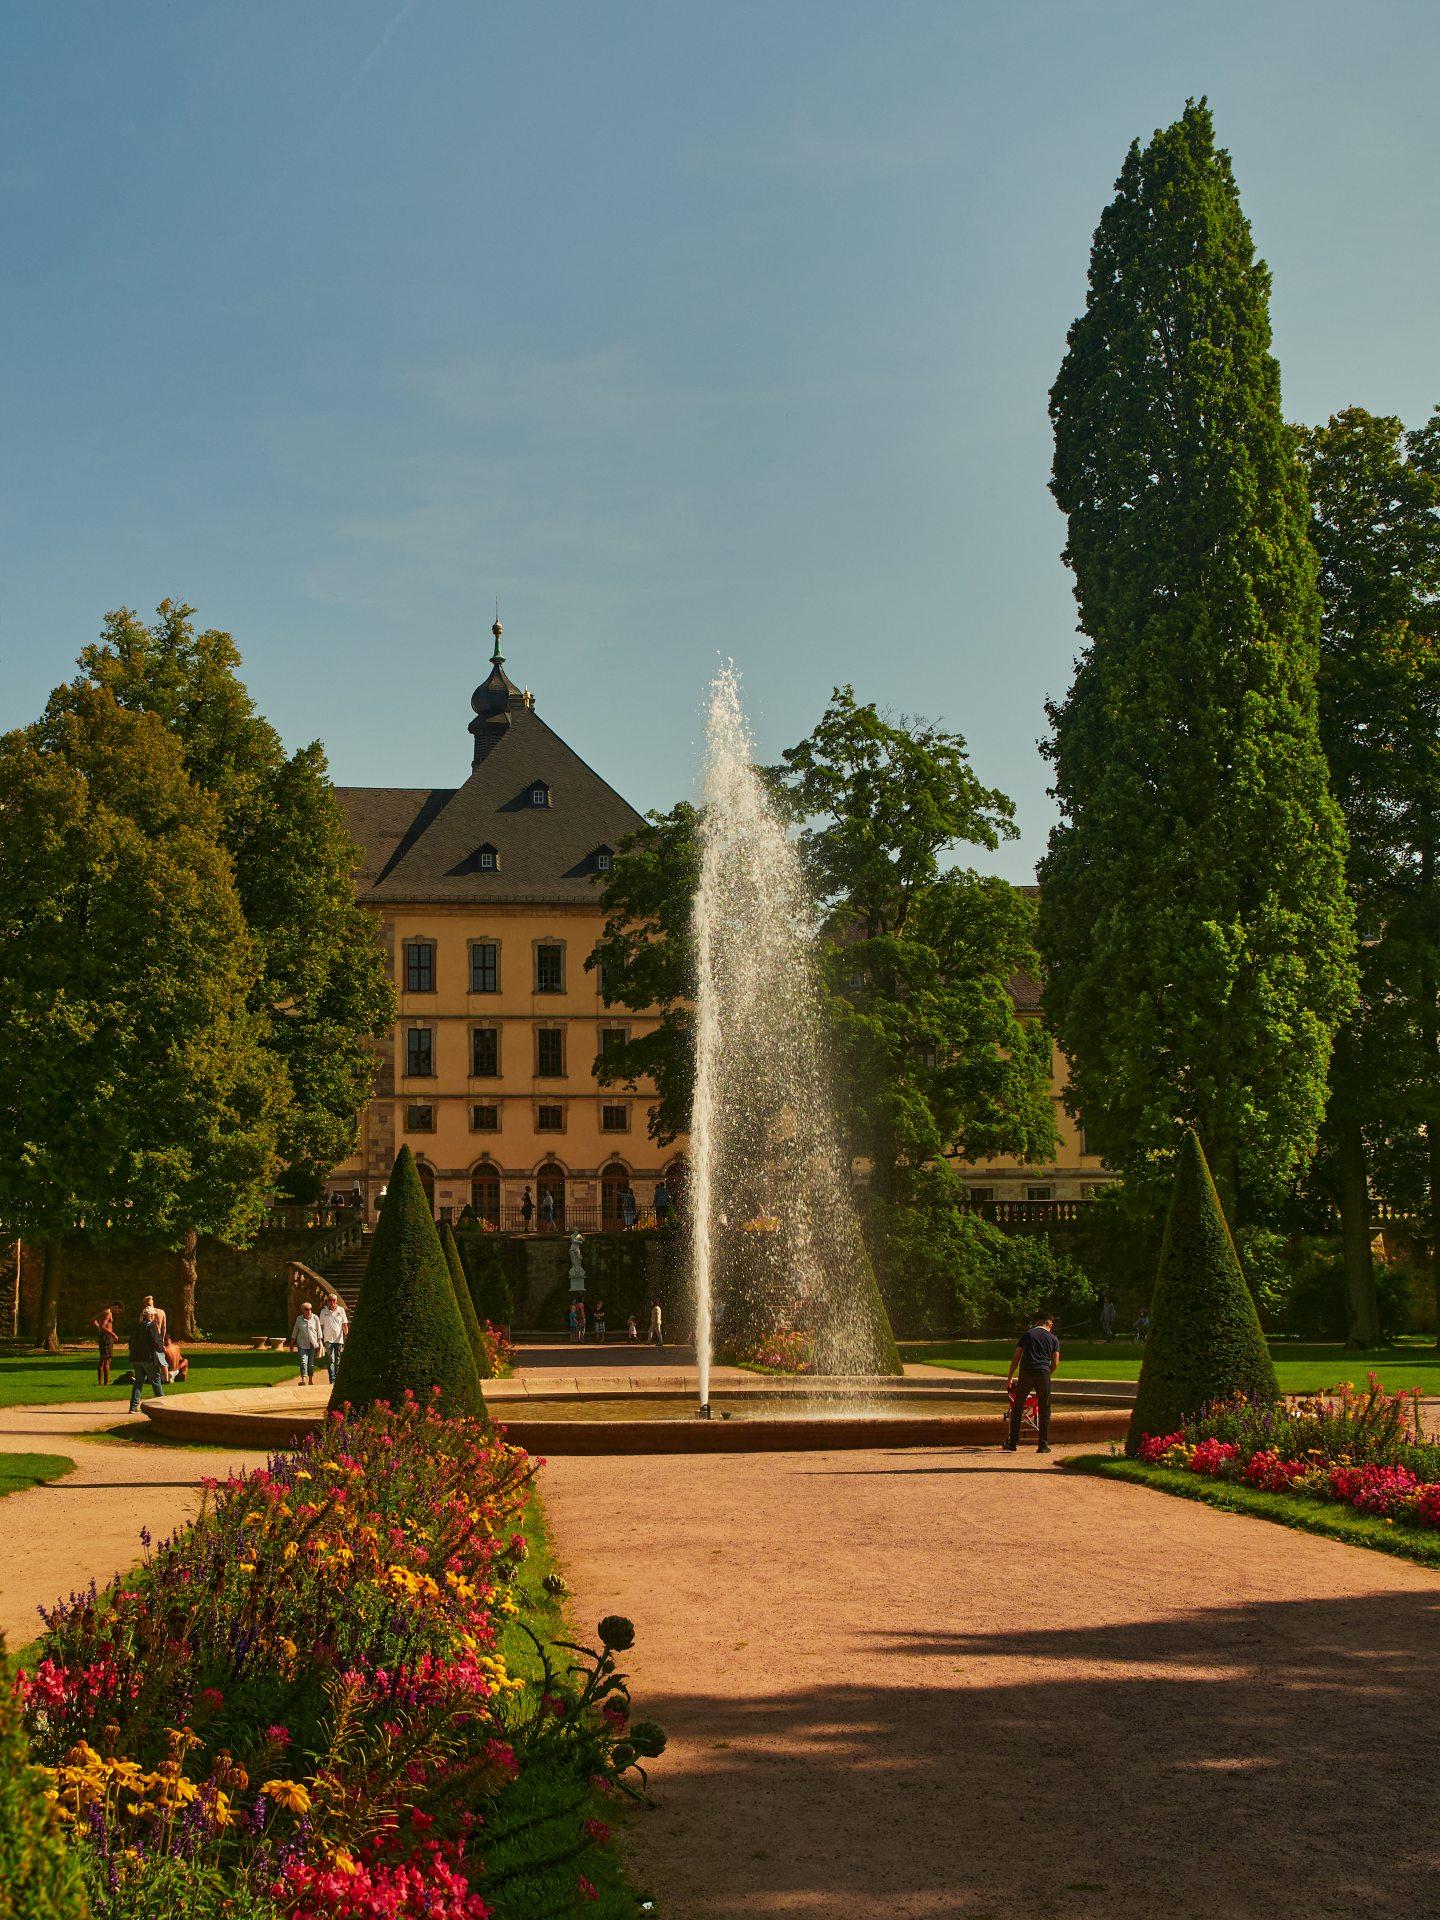 Gegenüber der Orangerie sieht man das Stadtschluß der Fuldaer Fürstbischöfe